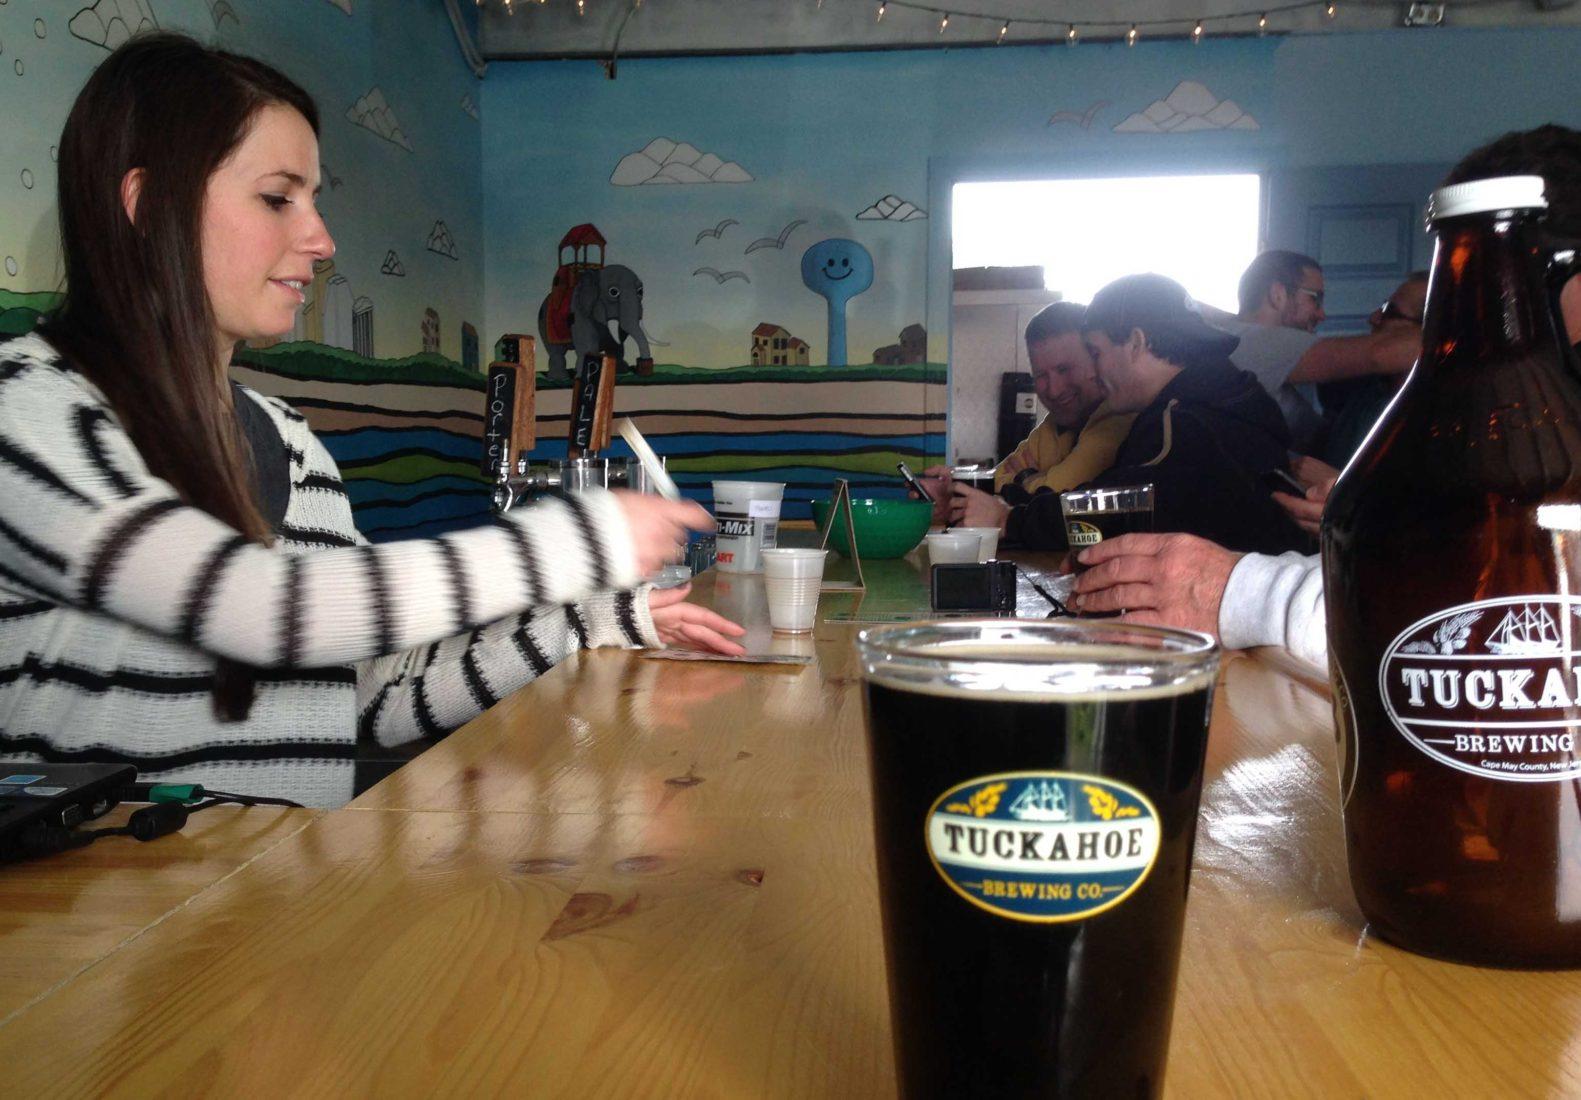 207. Tuckahoe Brewing, Ocean View NJ 2014